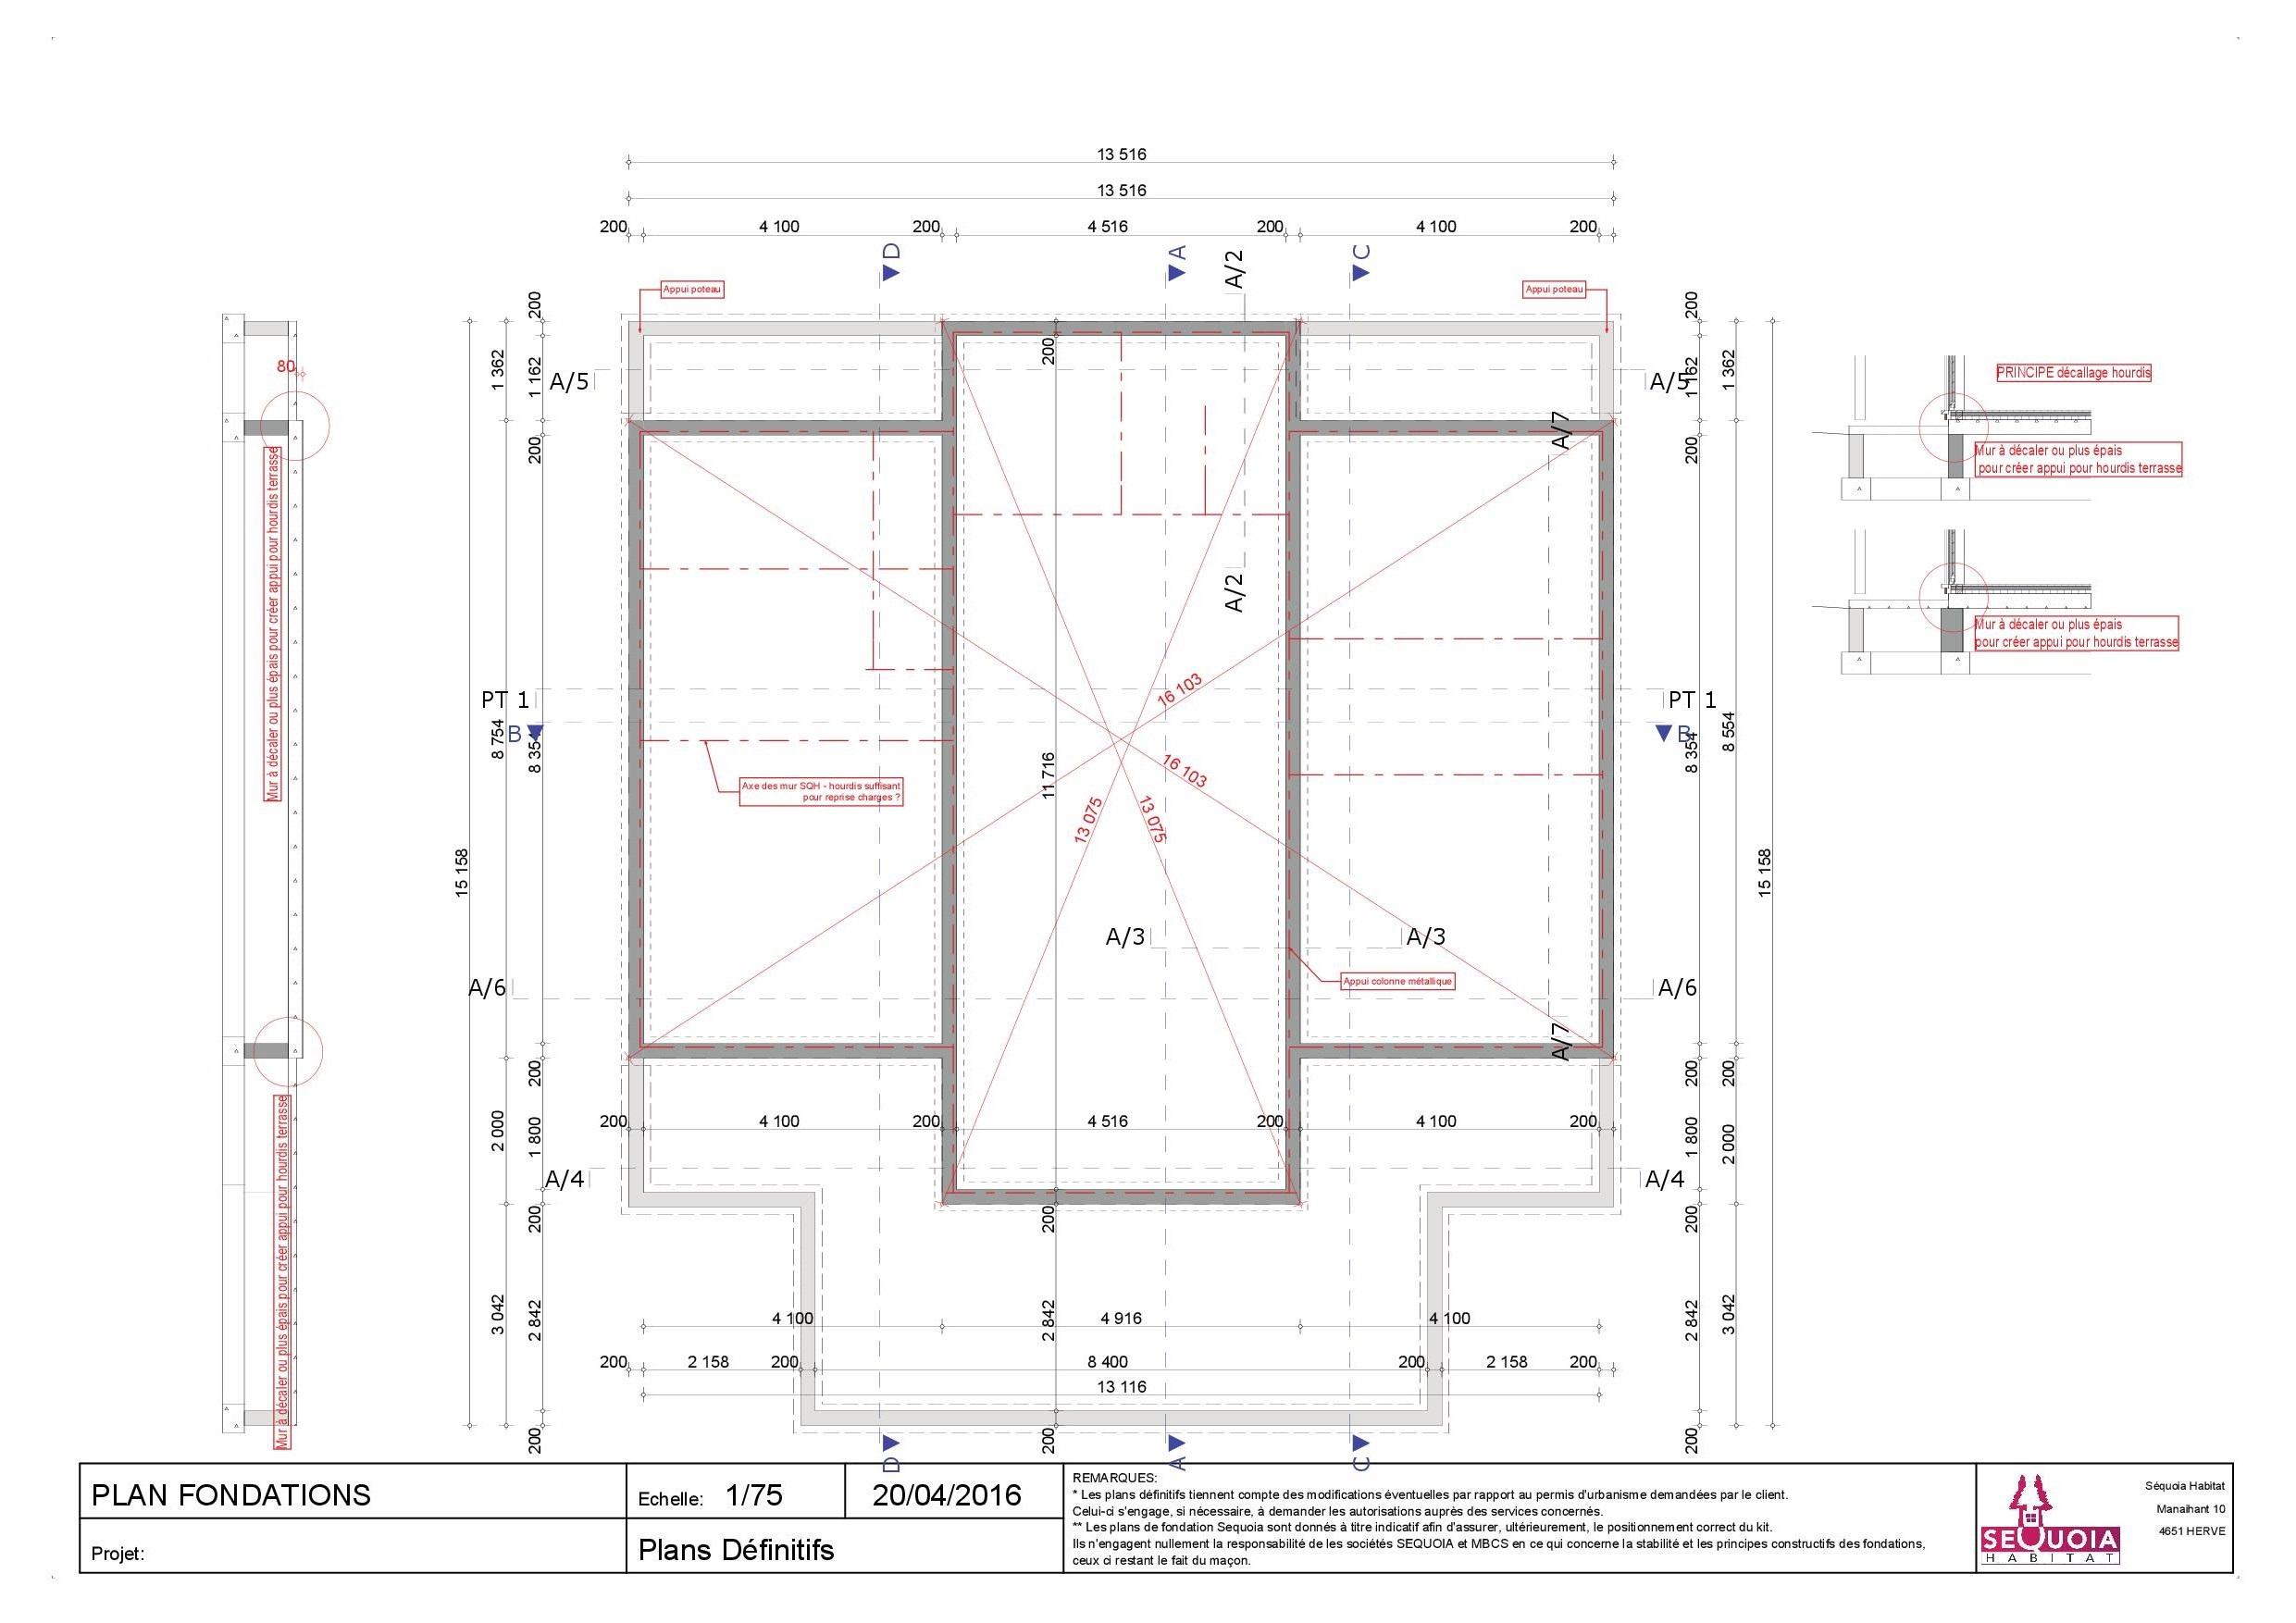 Dimension poutre bois cool figure imgf with dimension poutre bois cool poutre terrasse bois - Calcul section poutre bois pour plancher ...